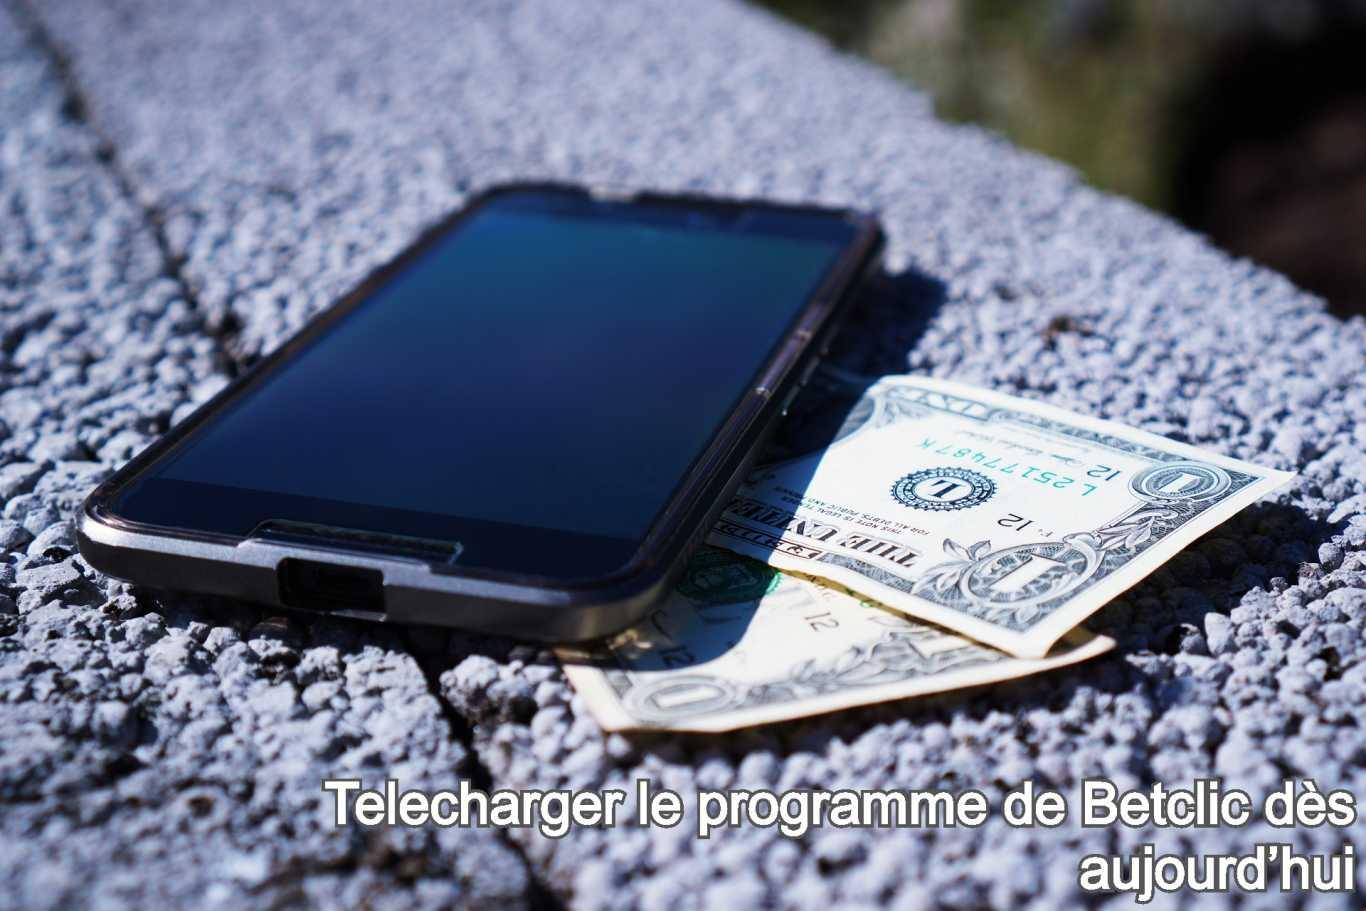 Telecharger le programme de Betclic dès aujourd'hui